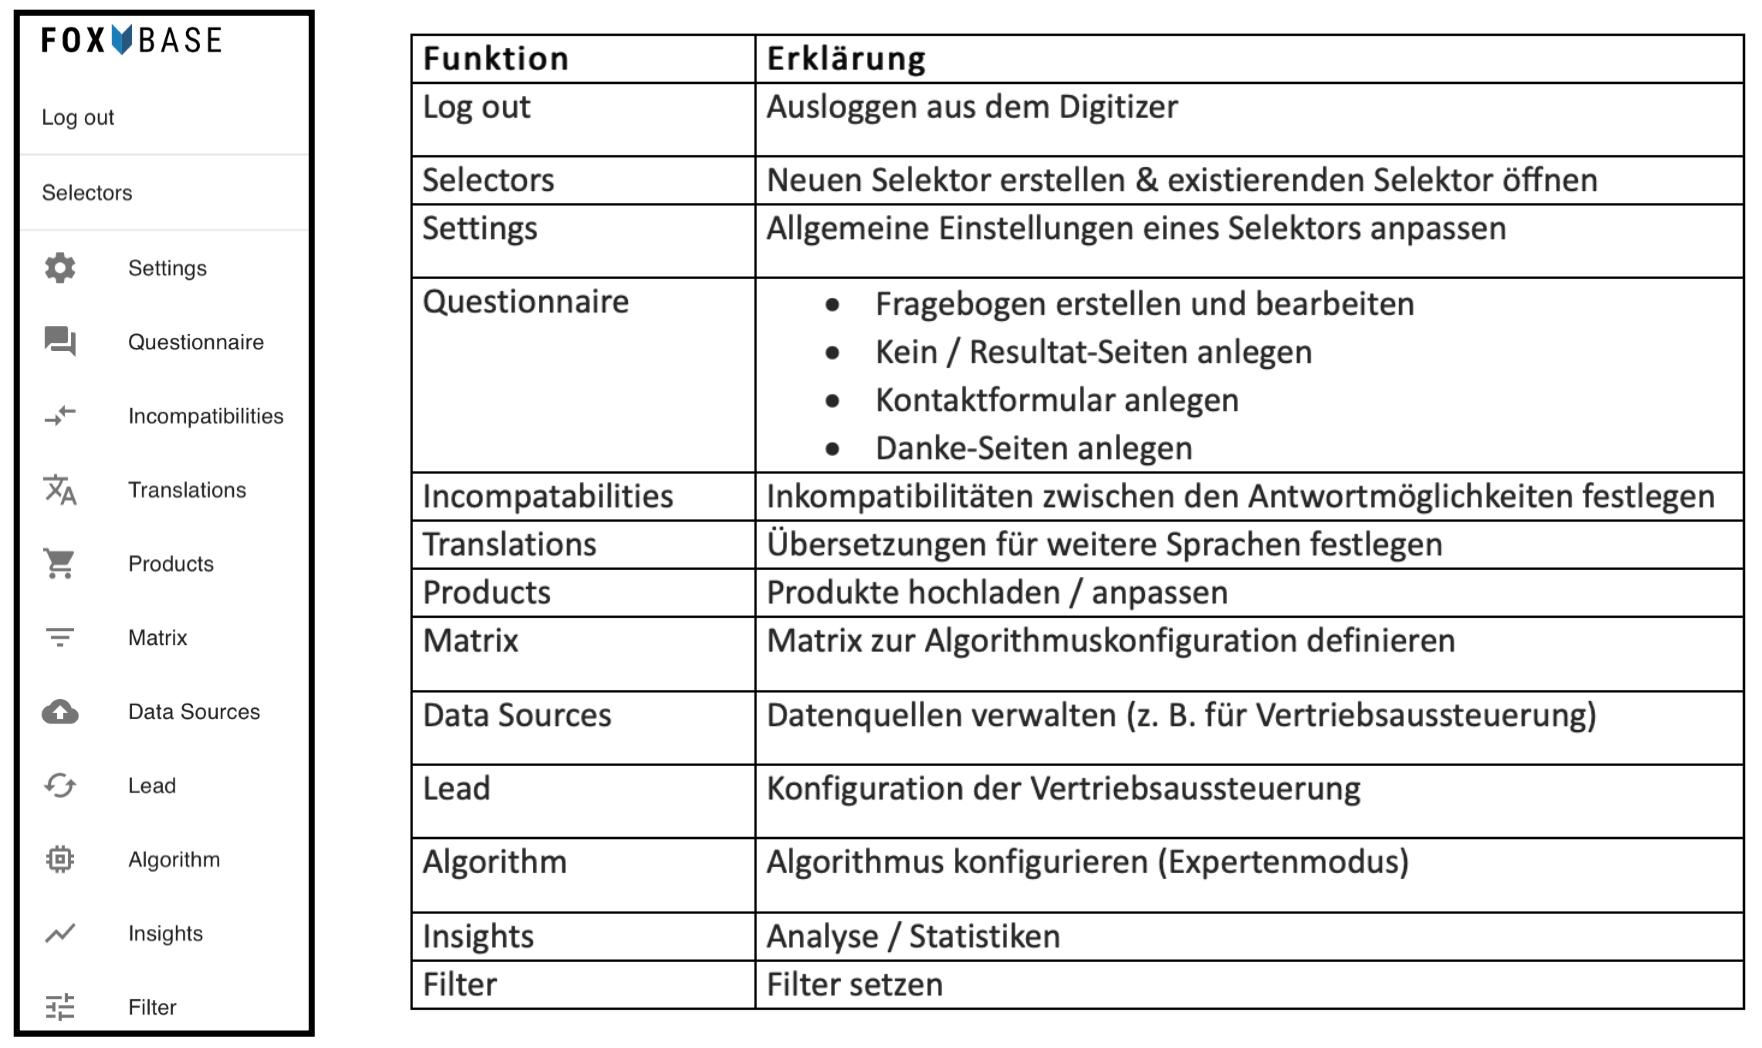 Digitizer seitlicher Navigationsbereich / Menü.